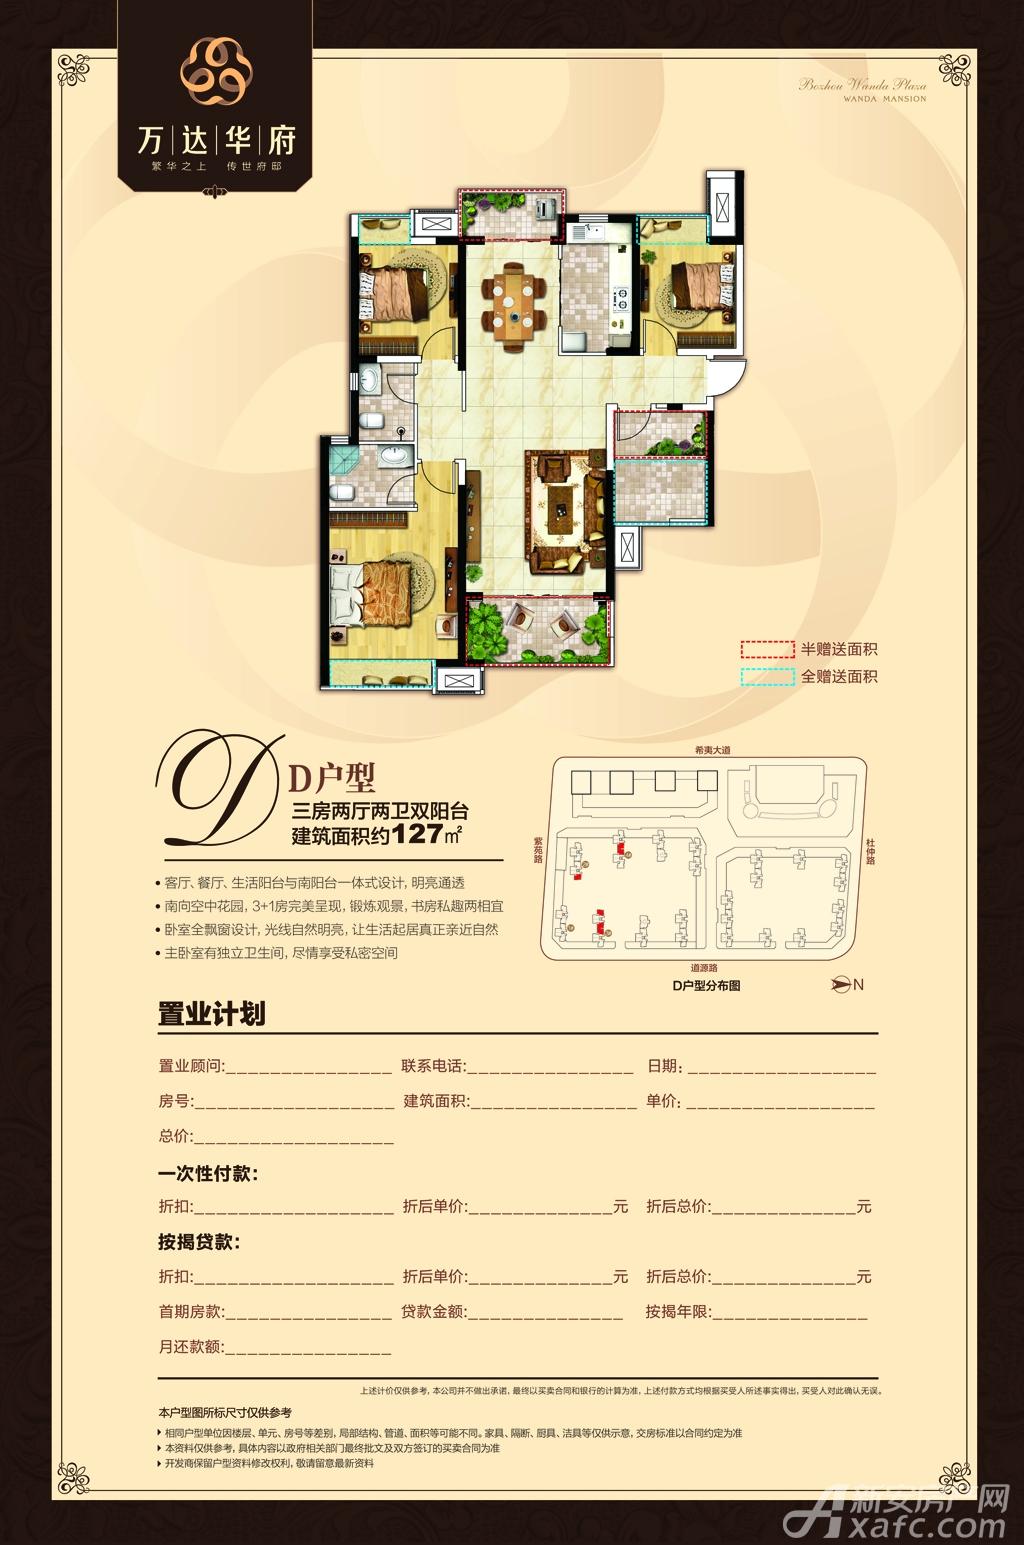 亳州万达广场D户型3室2厅127平米